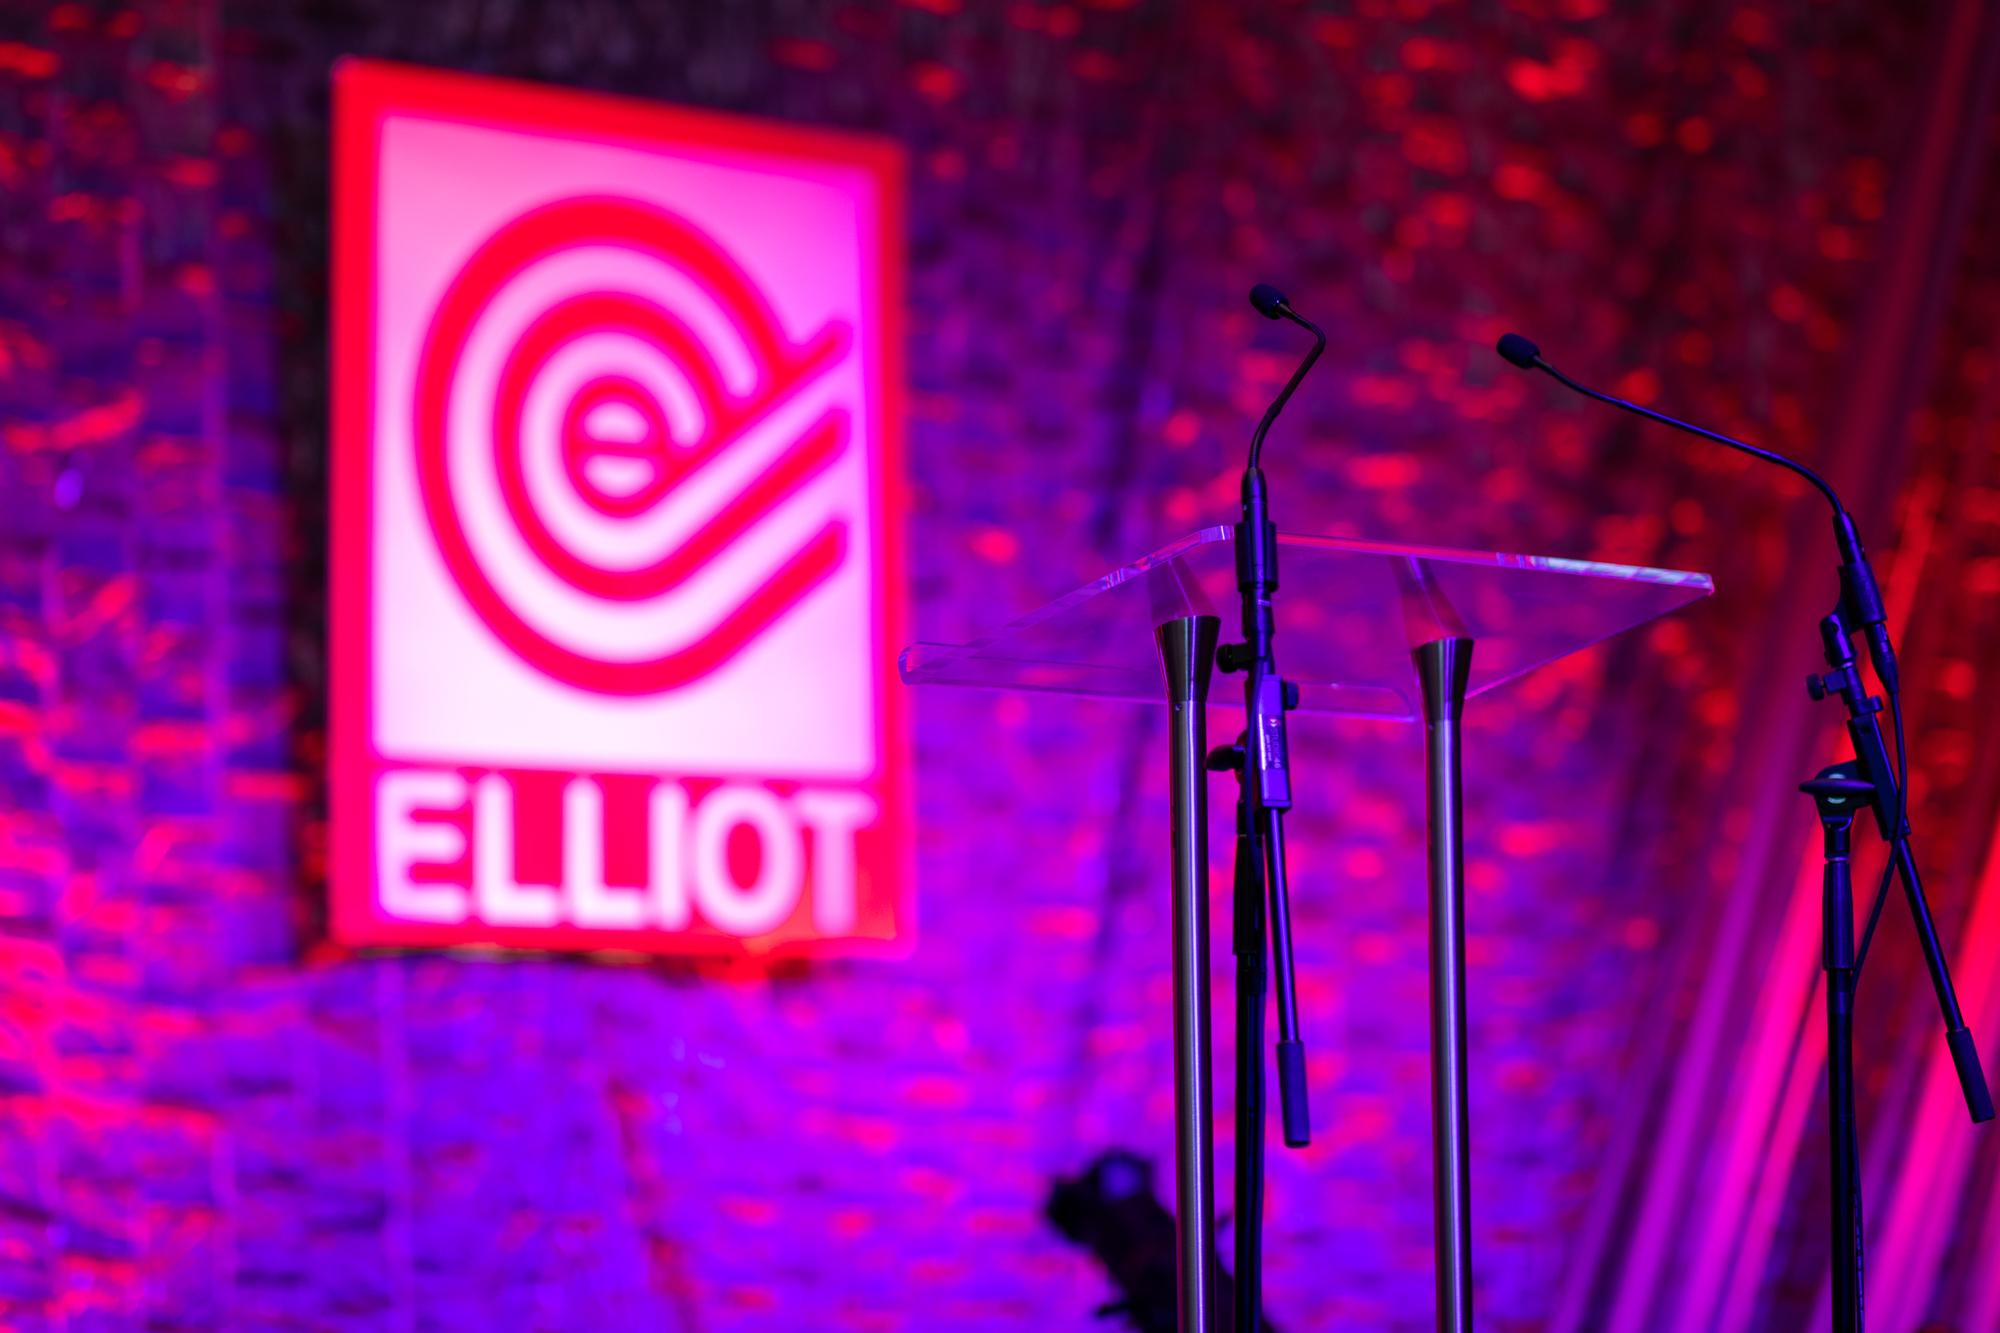 Elliot Central Region Meeting